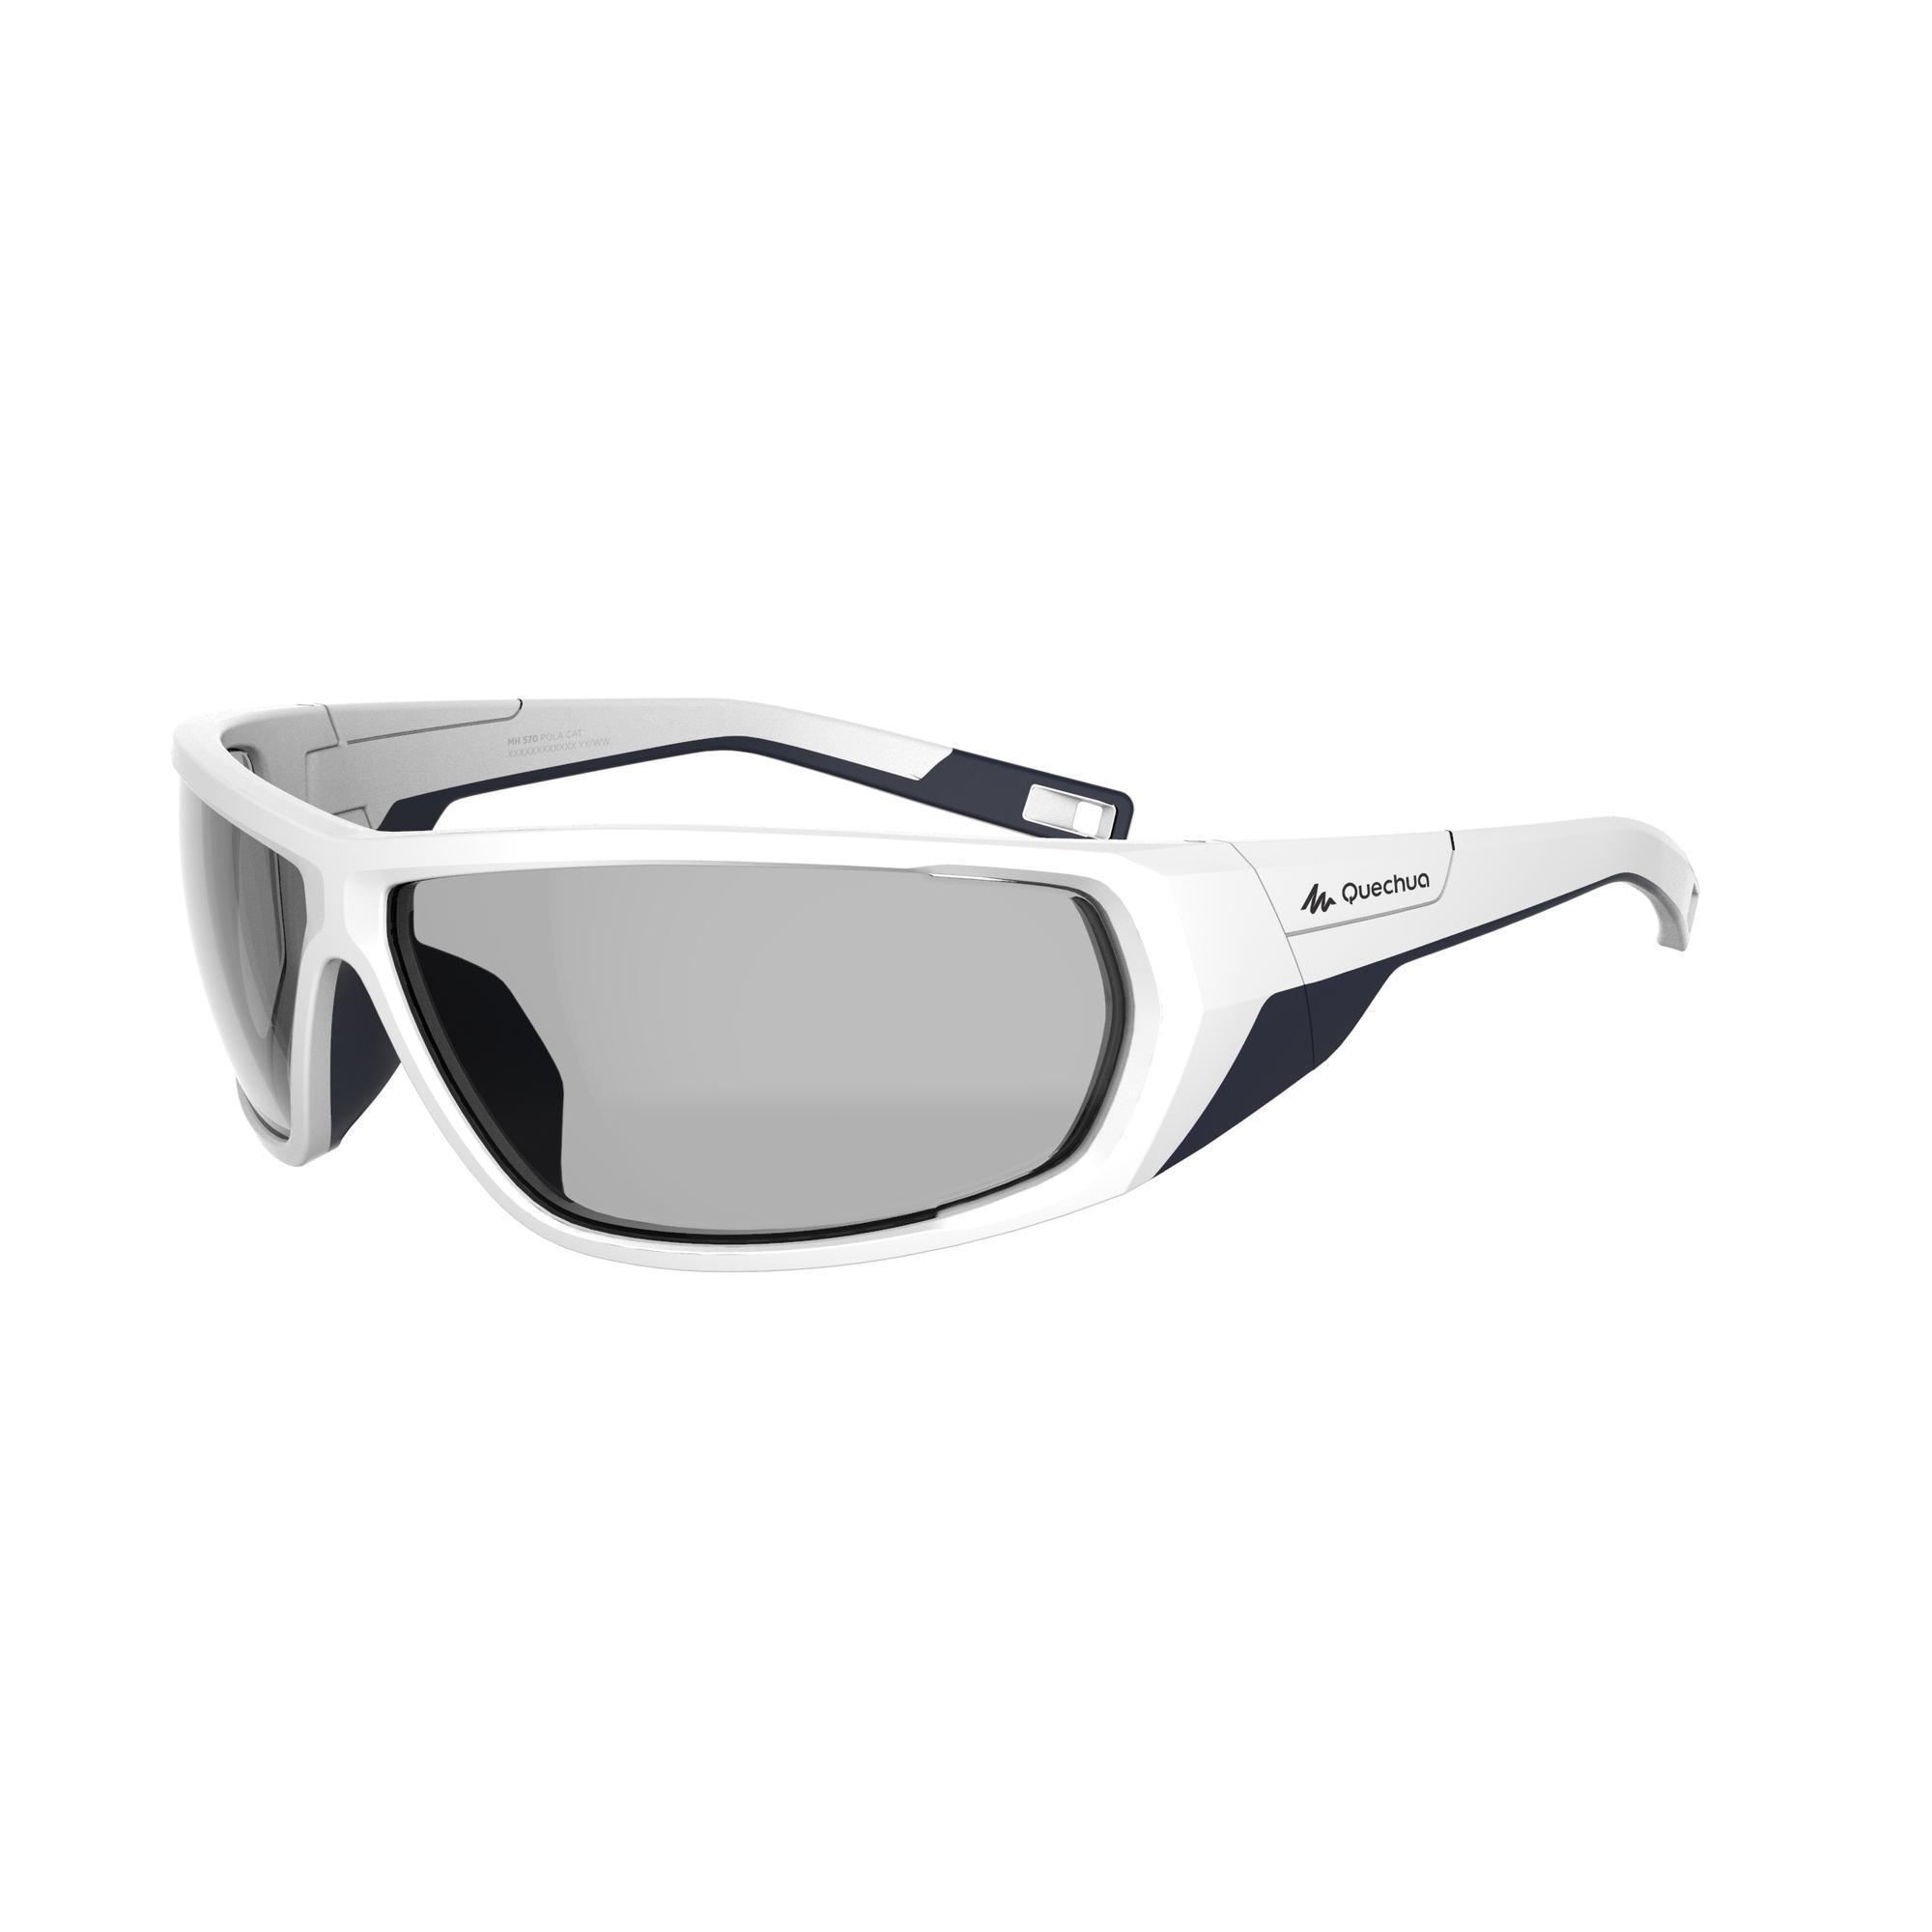 personalizadas tecnicas modernas online para la venta Comprar Gafas de Sol Fotocromáticas Online | Decathlon